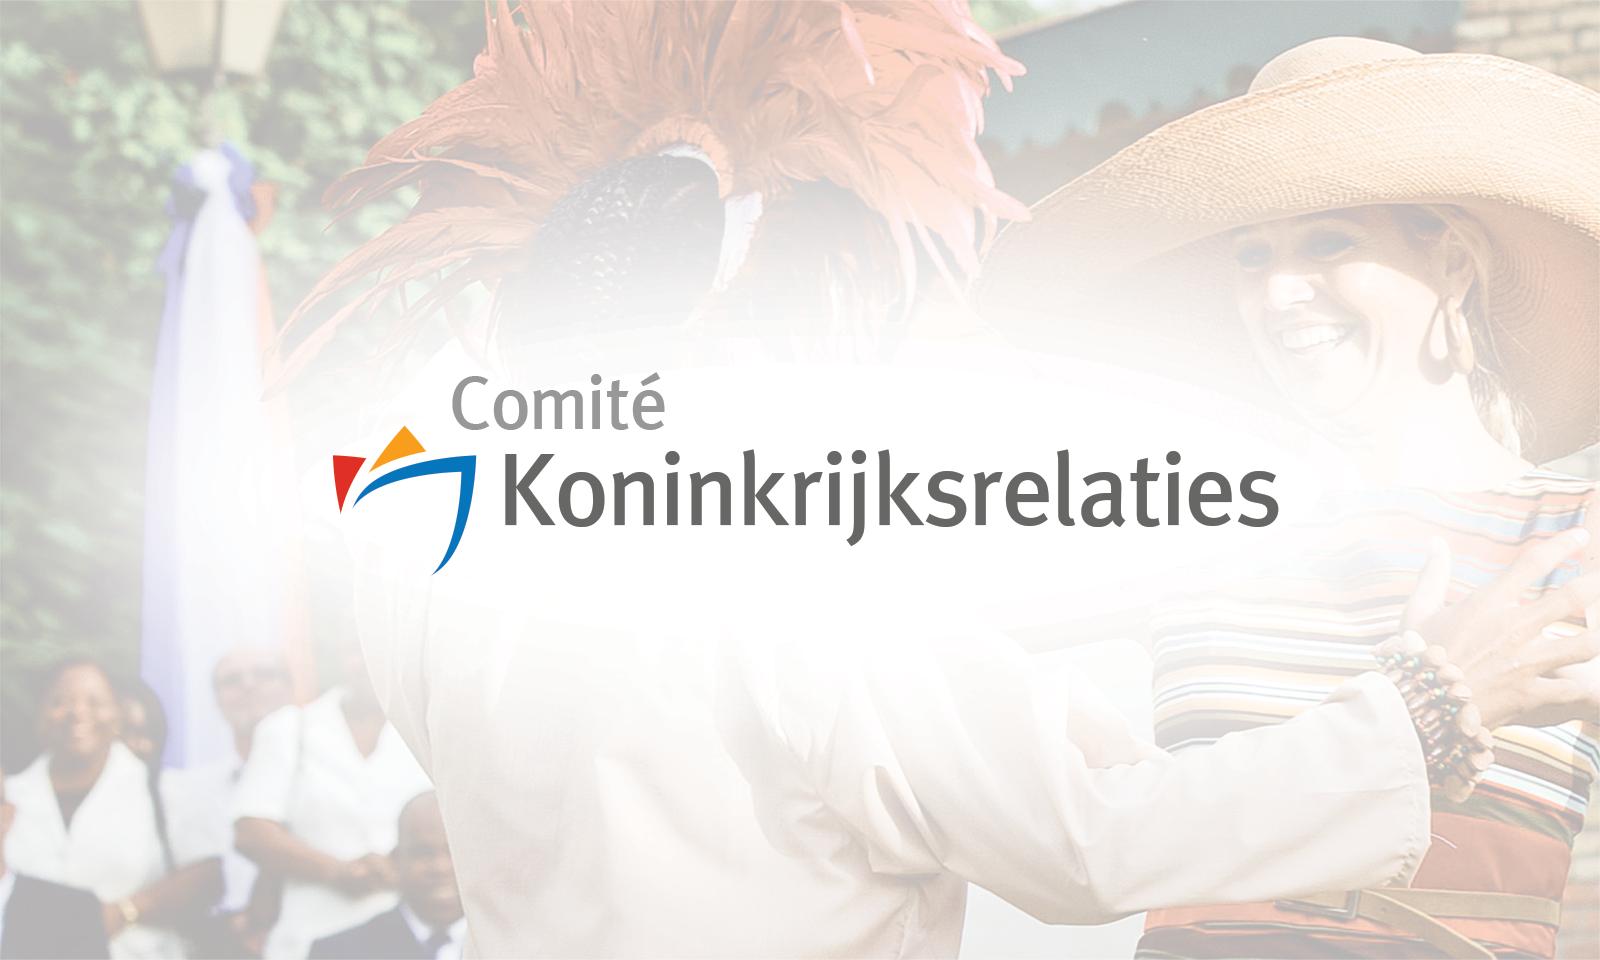 logo_comitekoninkrijksrelaties1.png